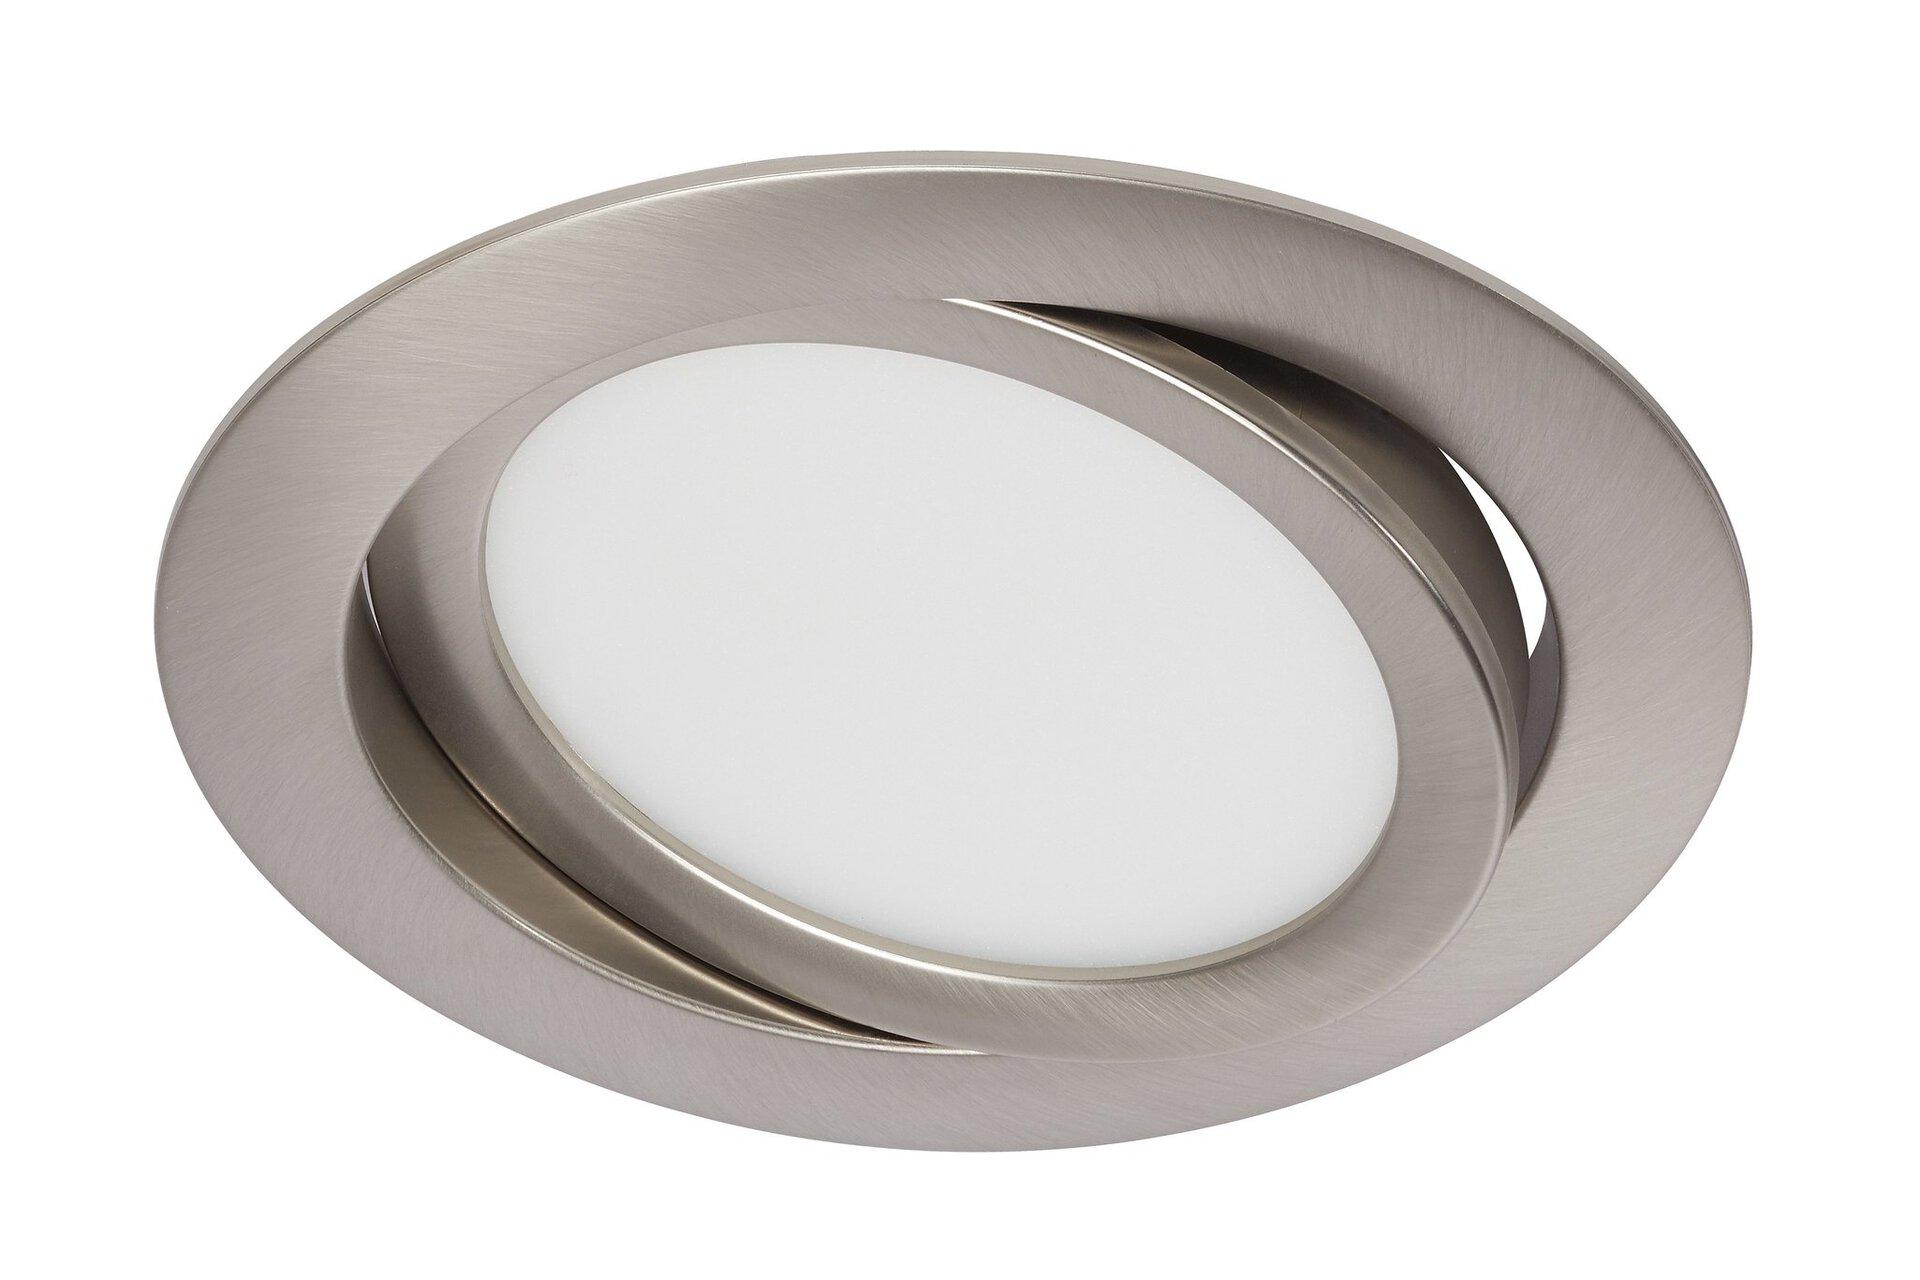 Einbauspot Flat In Briloner Metall silber 14 x 3 x 14 cm